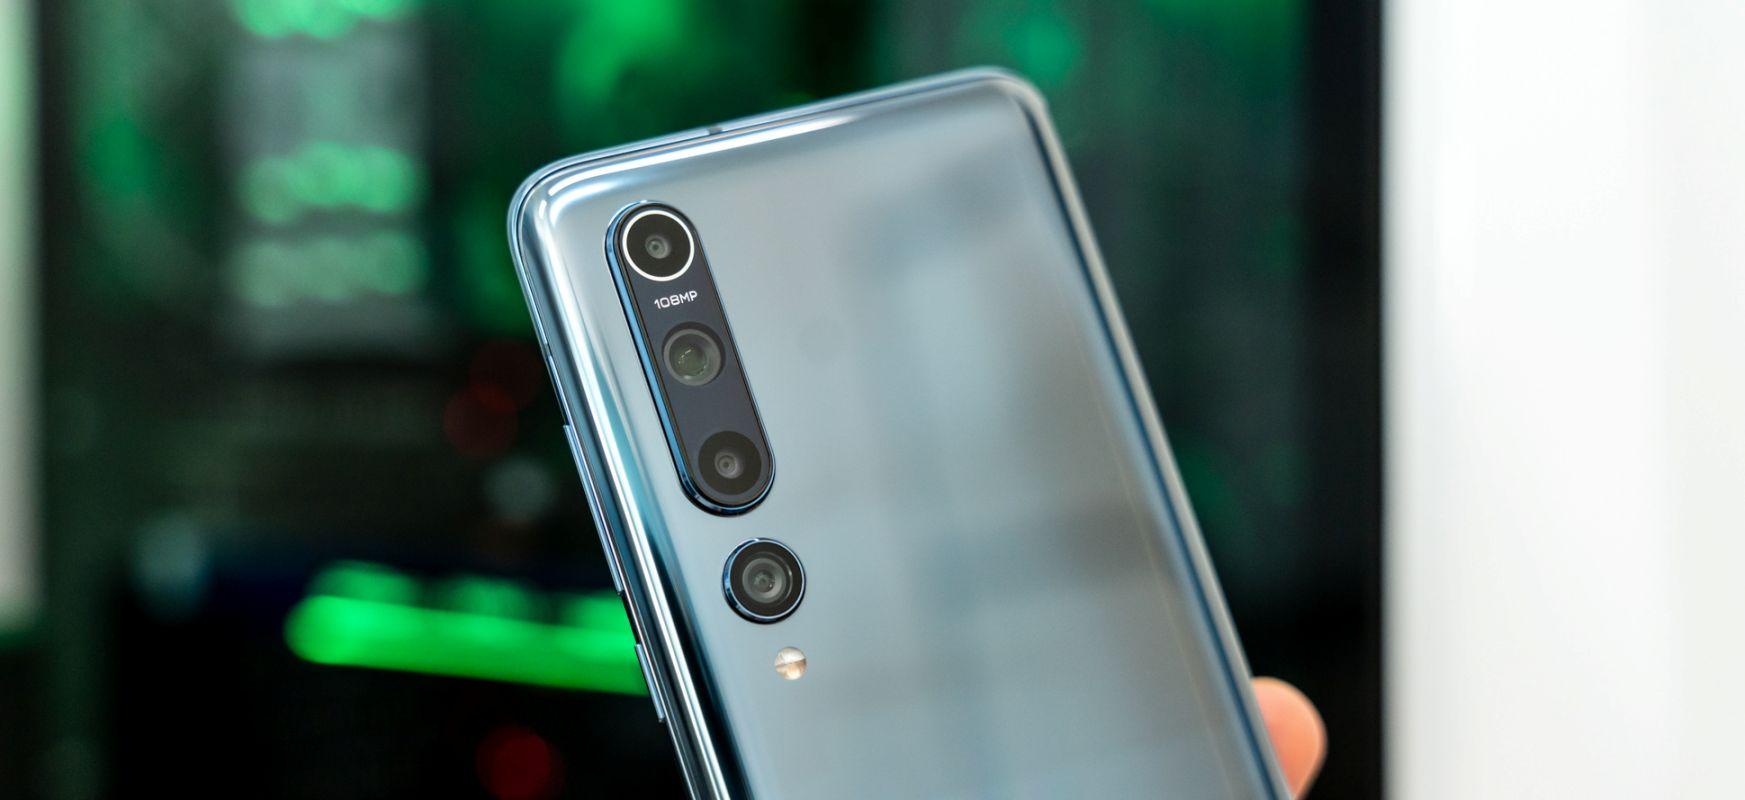 Xiaomi-k bai daki zer egiten ari den, edo eguzkia zapaltzen ari den.  Xiaomi Mi 10 - lehen inpresioak